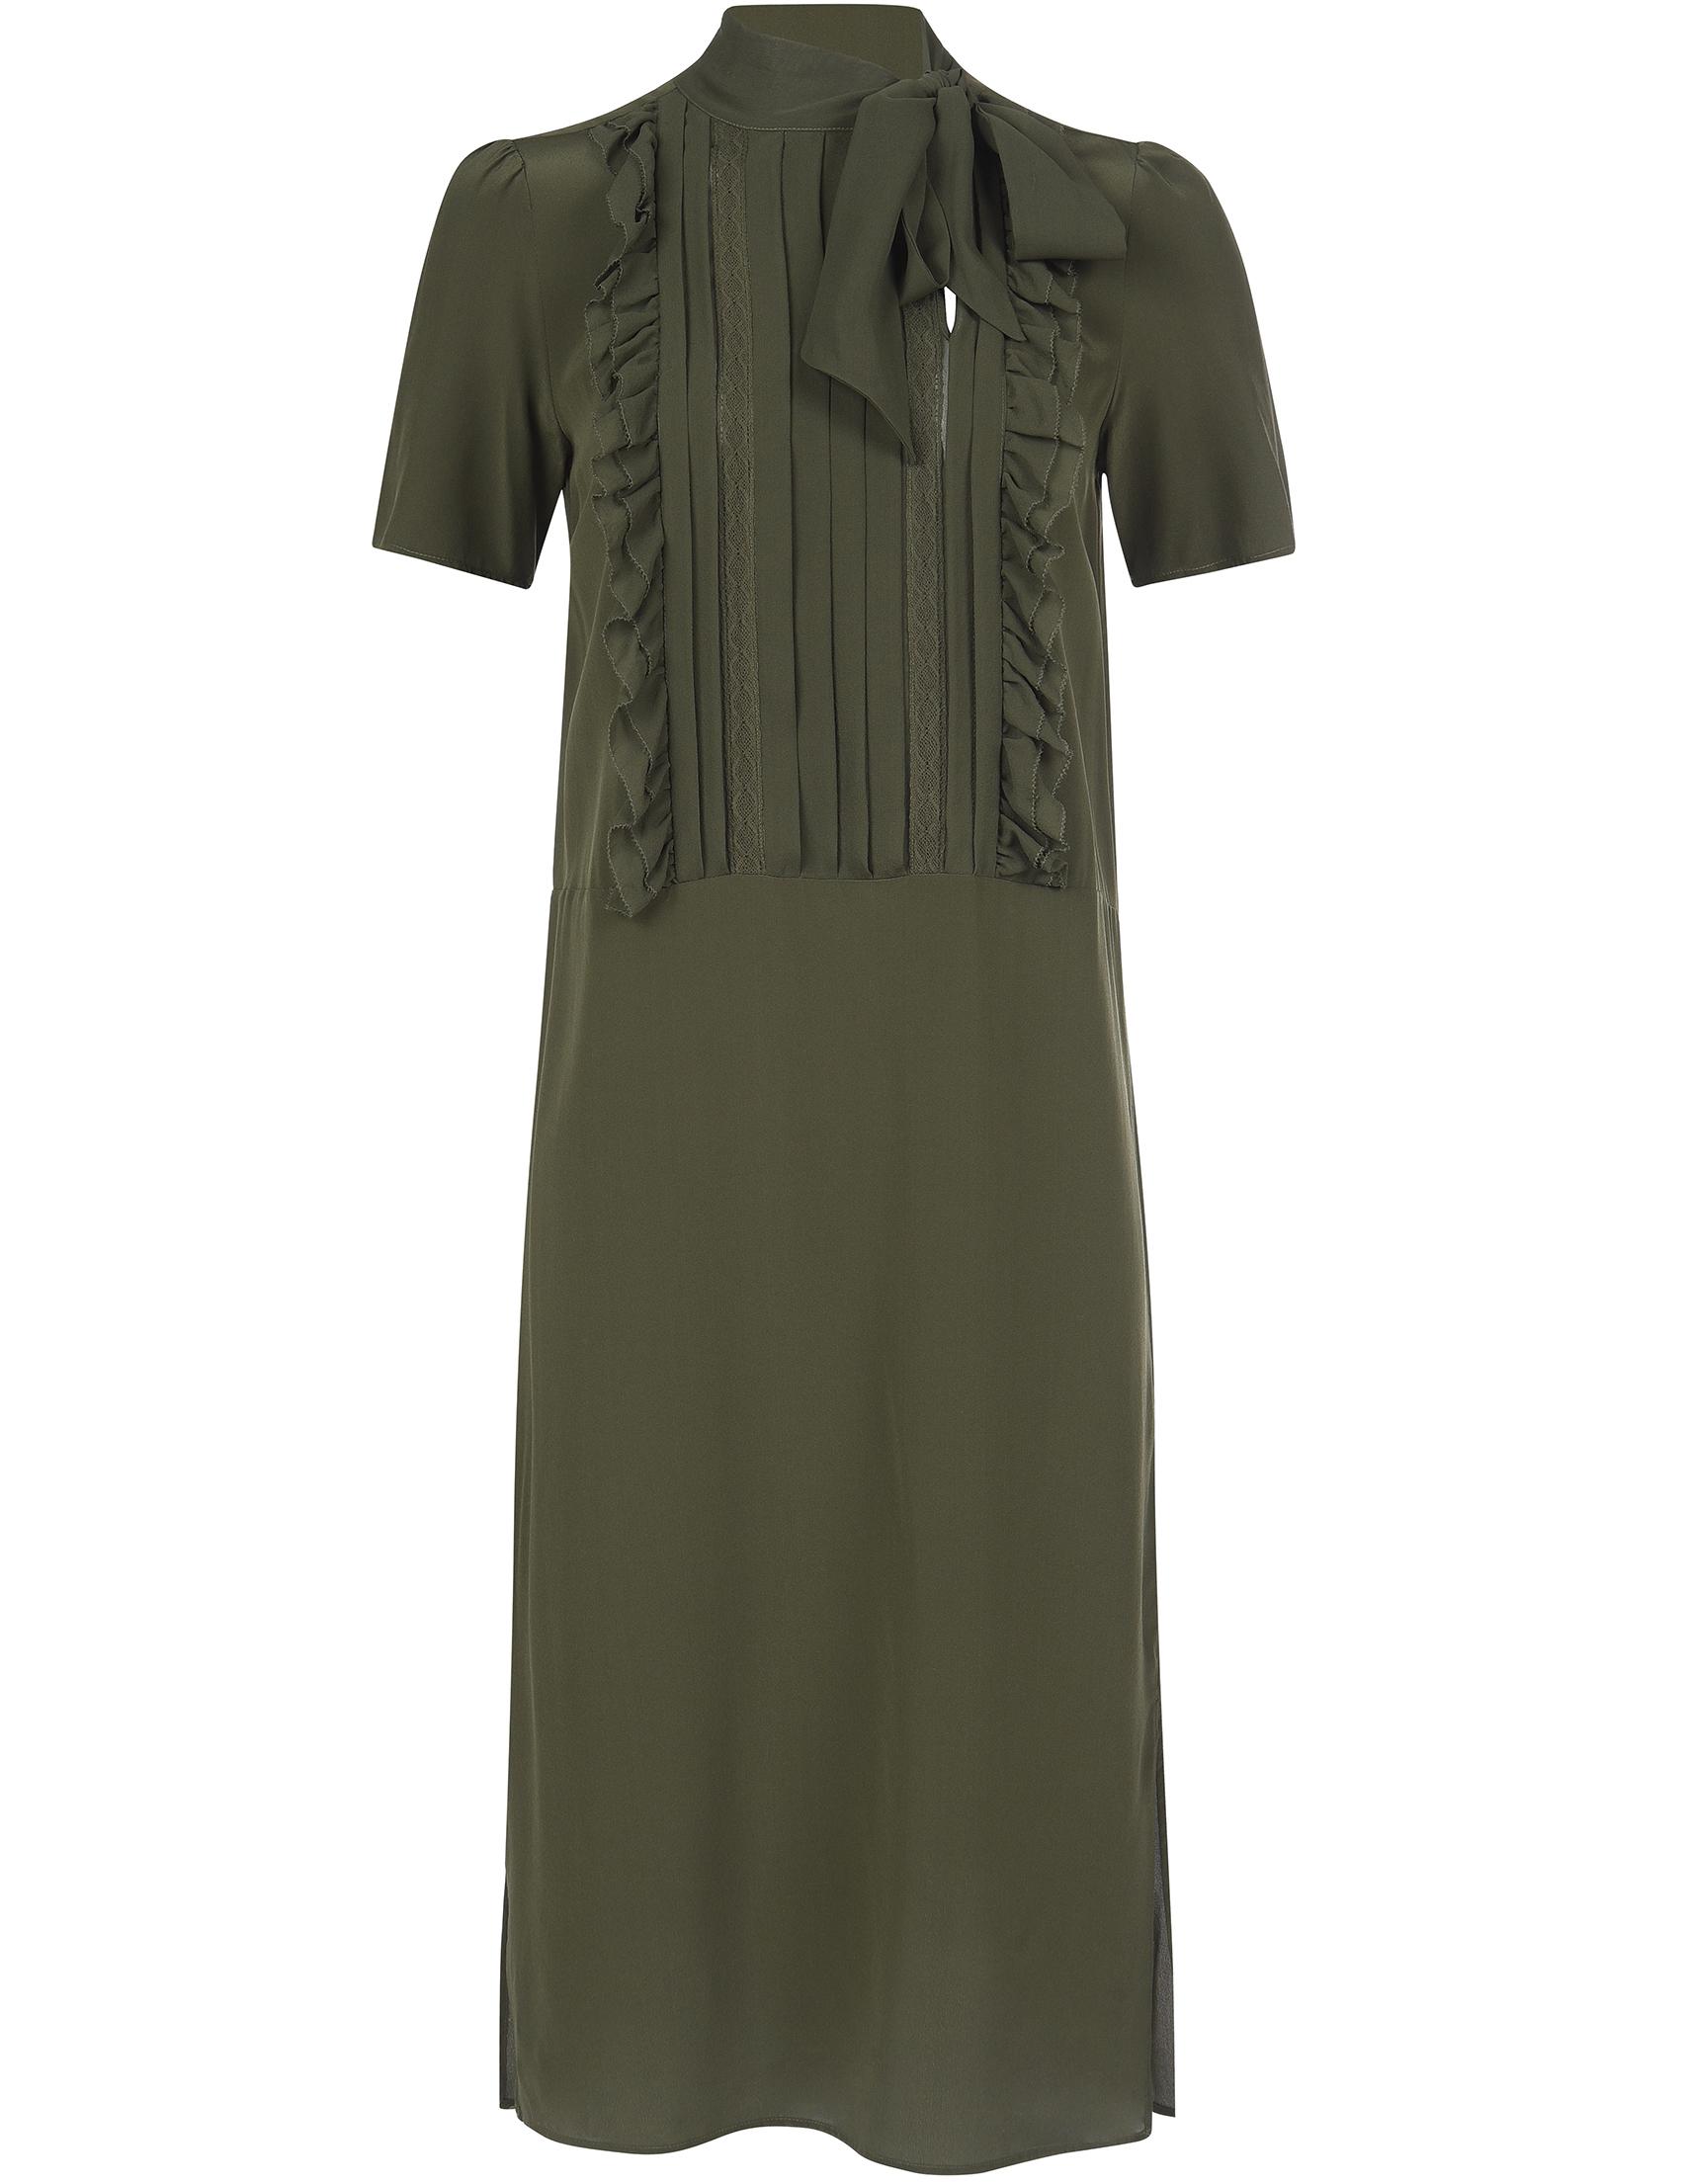 Купить Платье, TWIN-SET, Зеленый, 100%Шелк, Осень-Зима